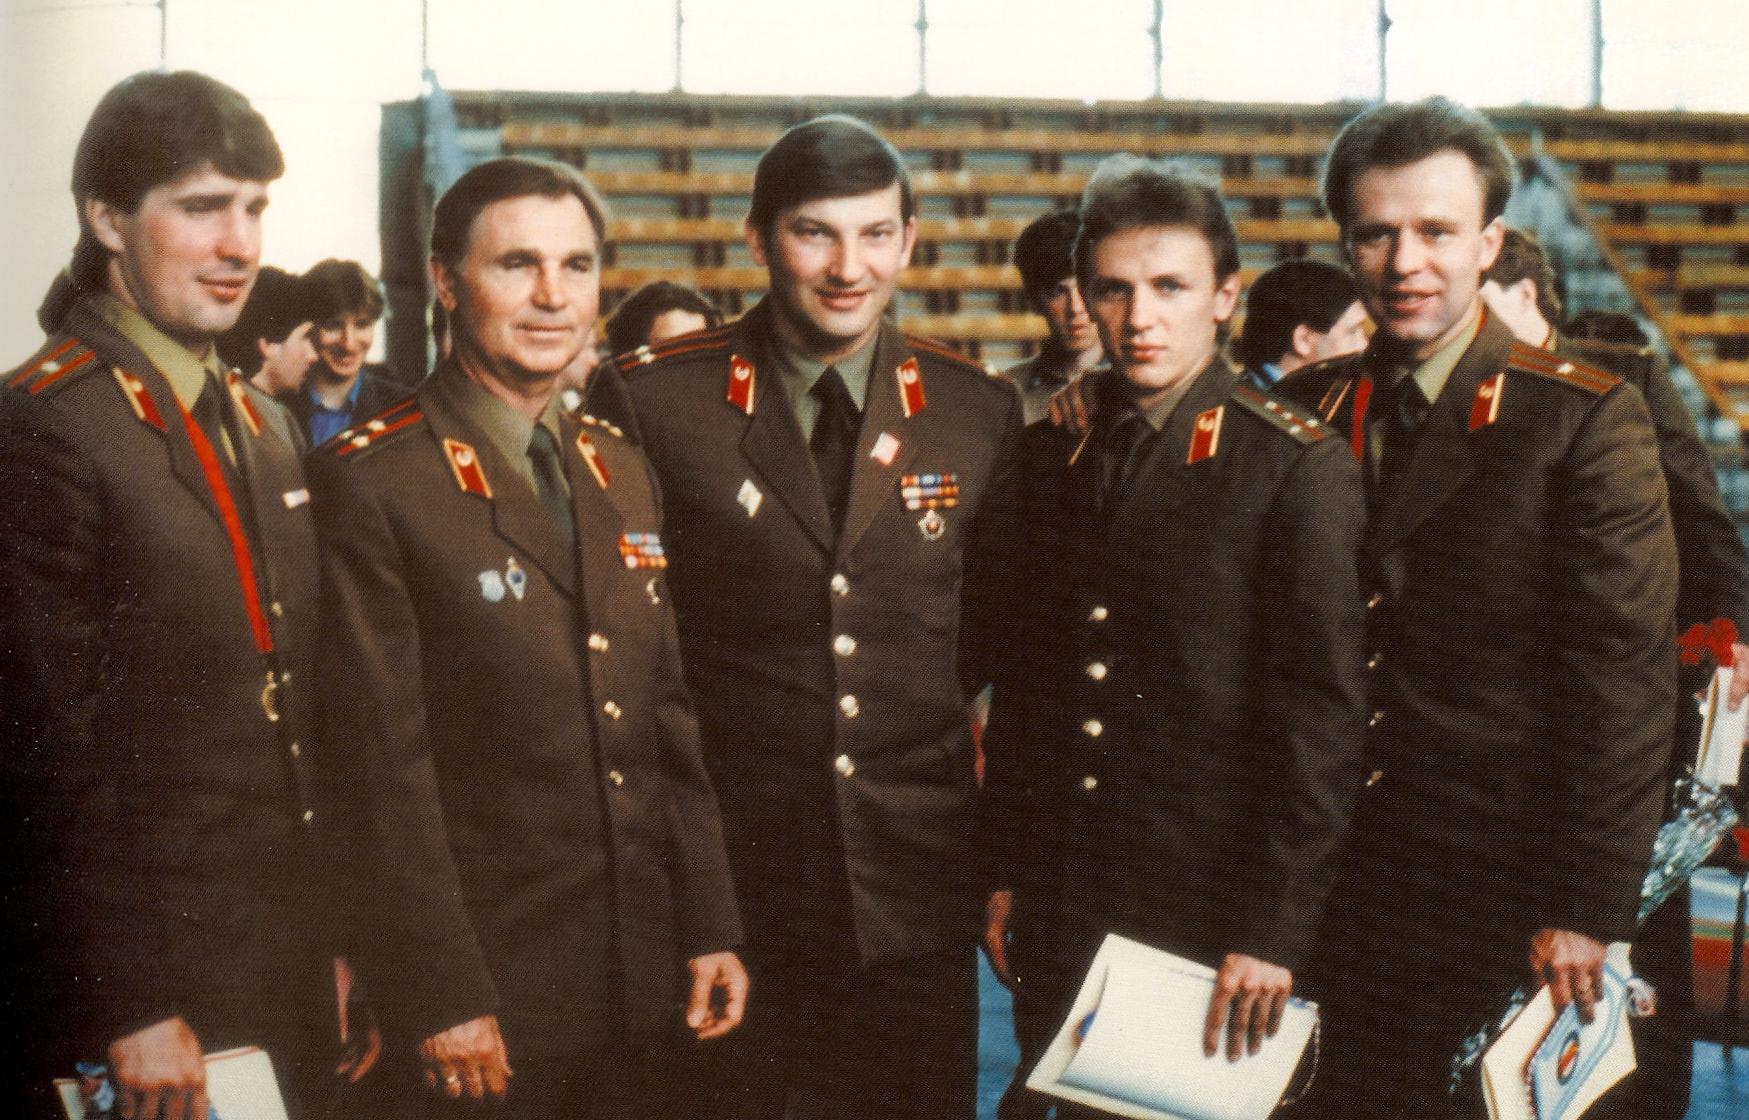 Fetisov_(à_droite)_en_Uniforme.jpeg